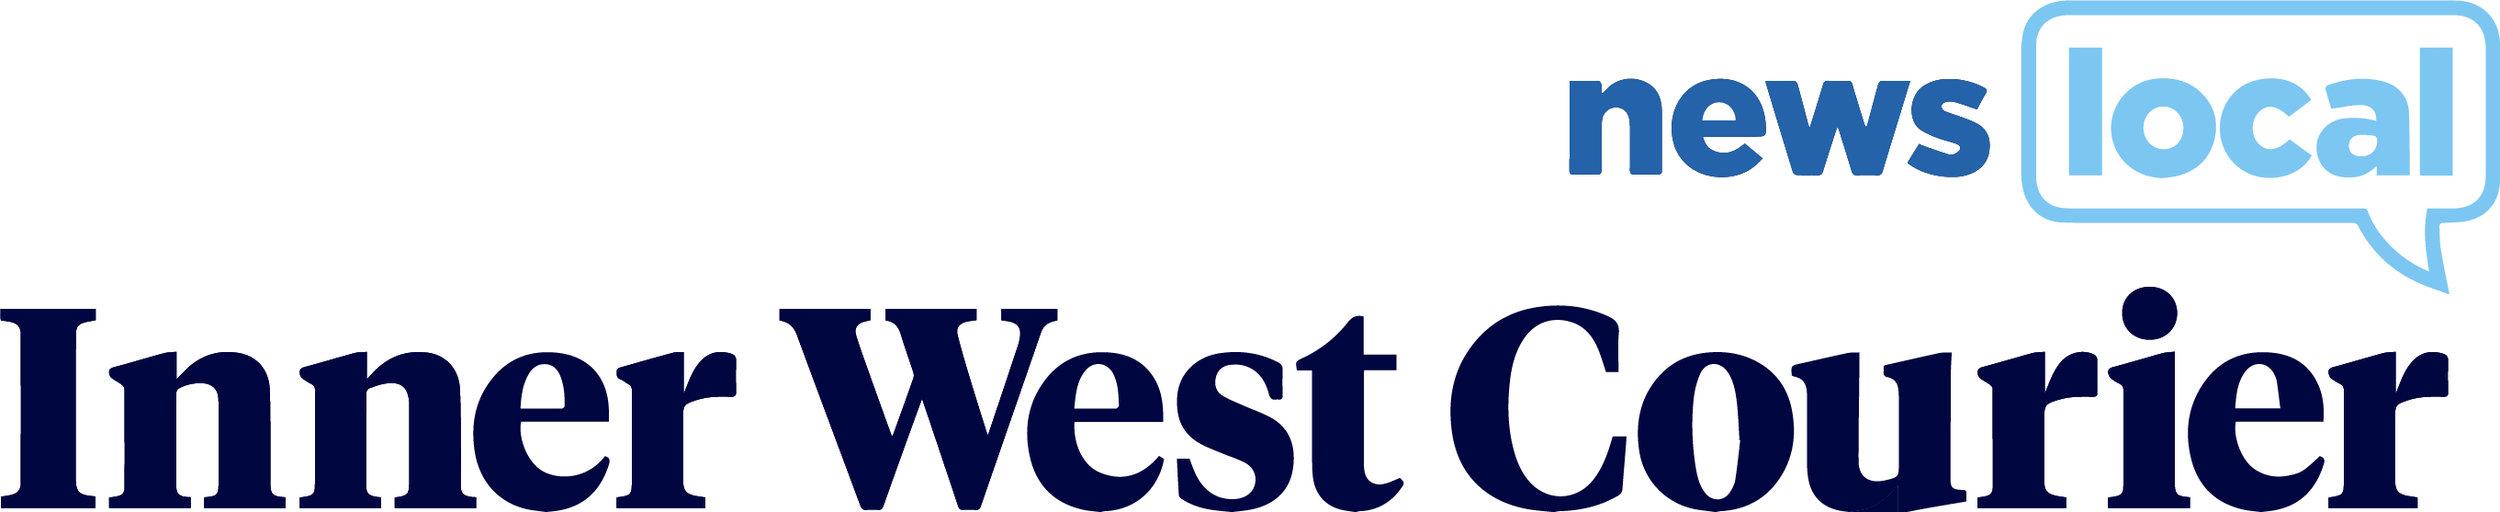 Inner West Courier_colour.jpg